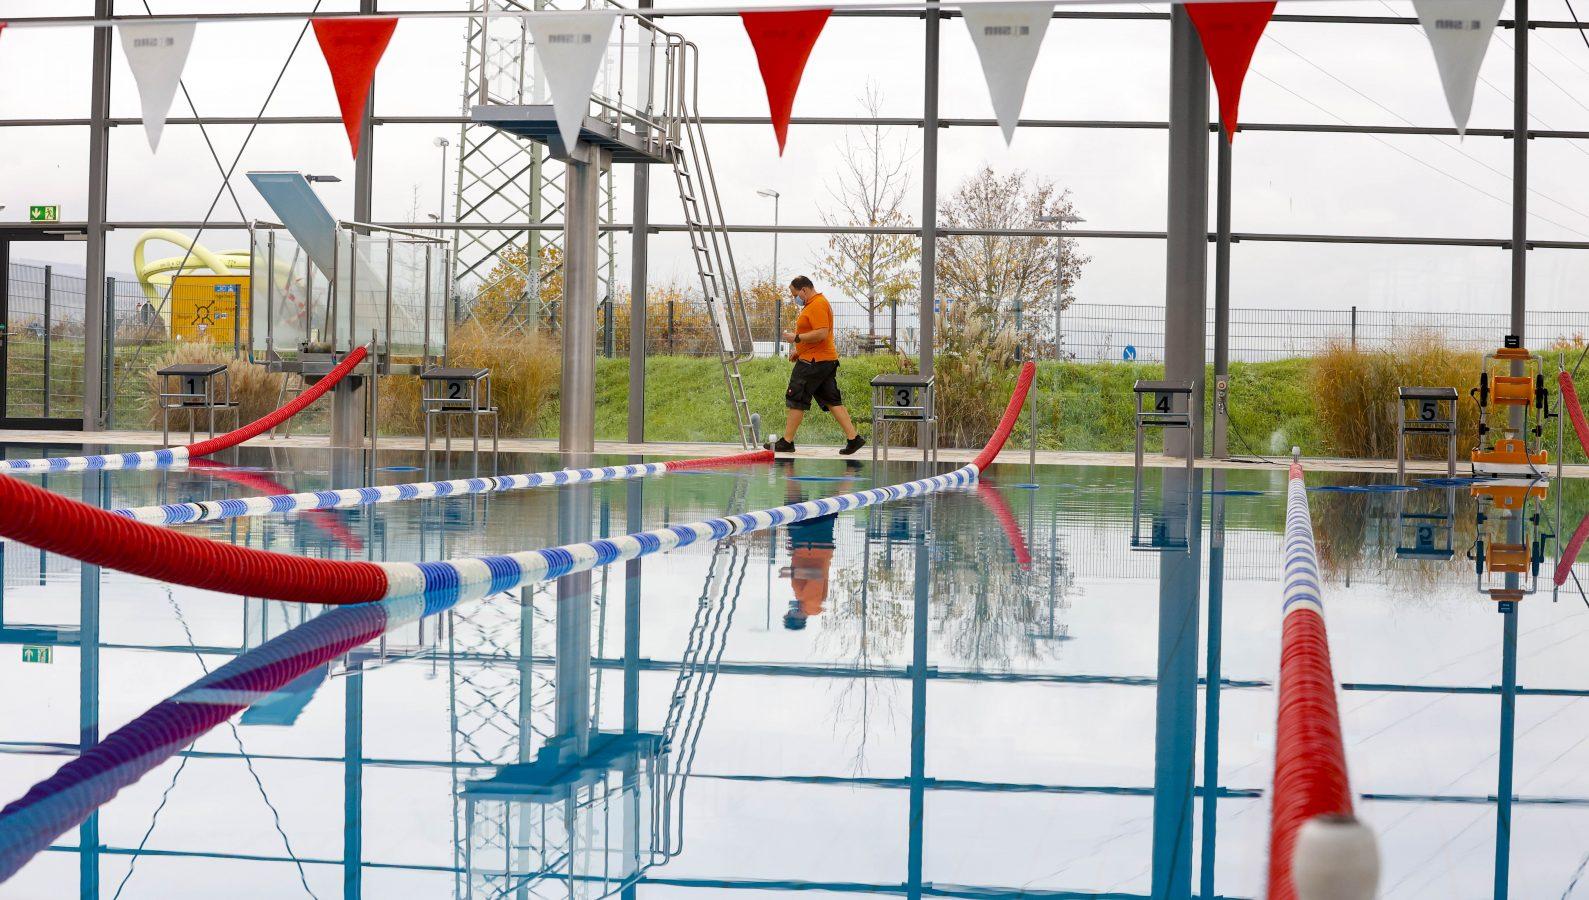 Stilles Wasser – Erlebnisbad Rheinwelle ist im zweiten Lockdown